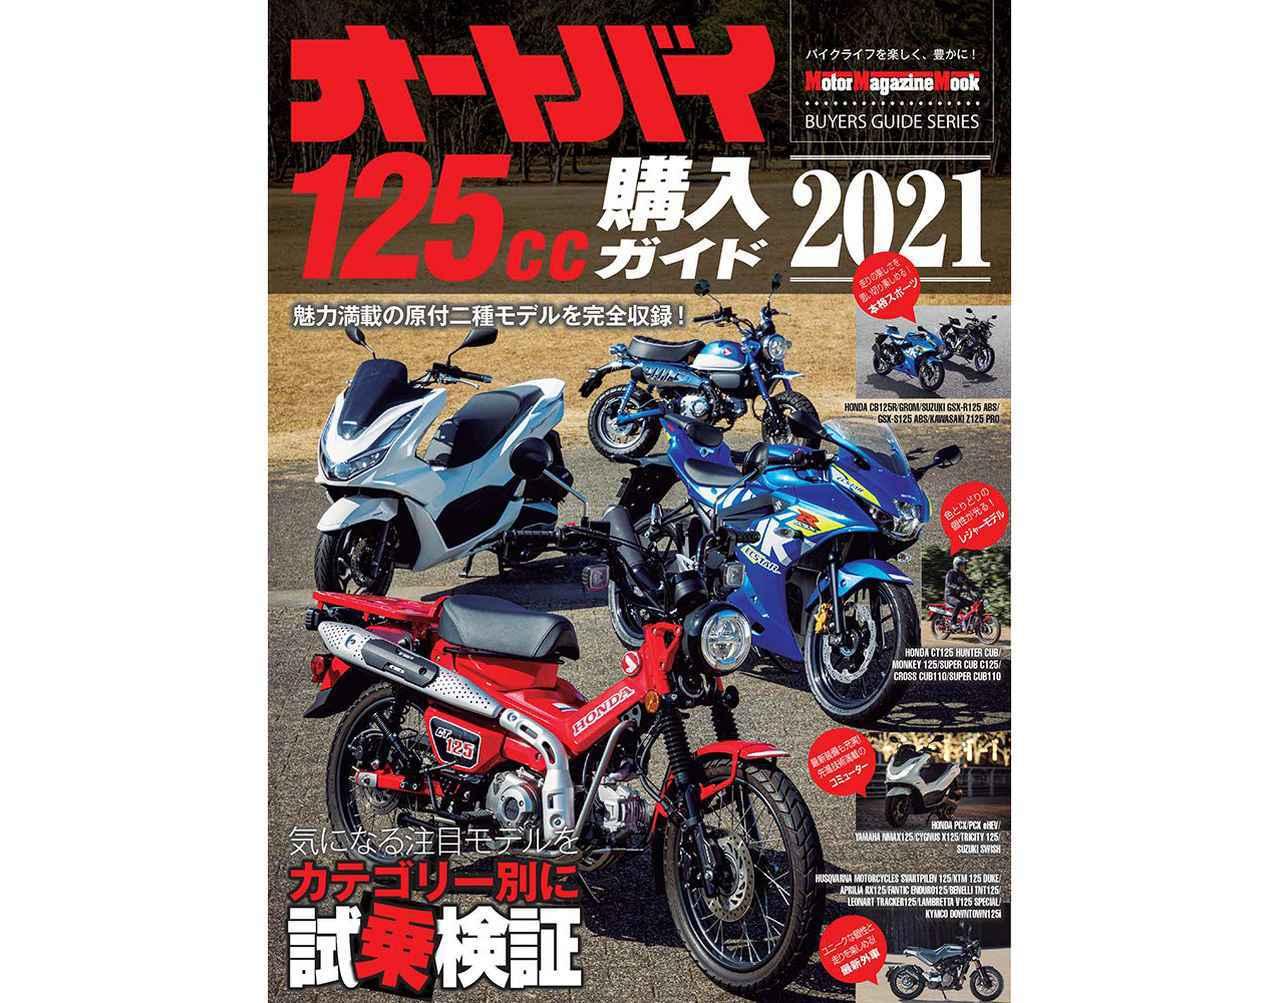 画像: 最新の原付二種を徹底紹介!『オートバイ125cc購入ガイド2021』好評発売中 - webオートバイ